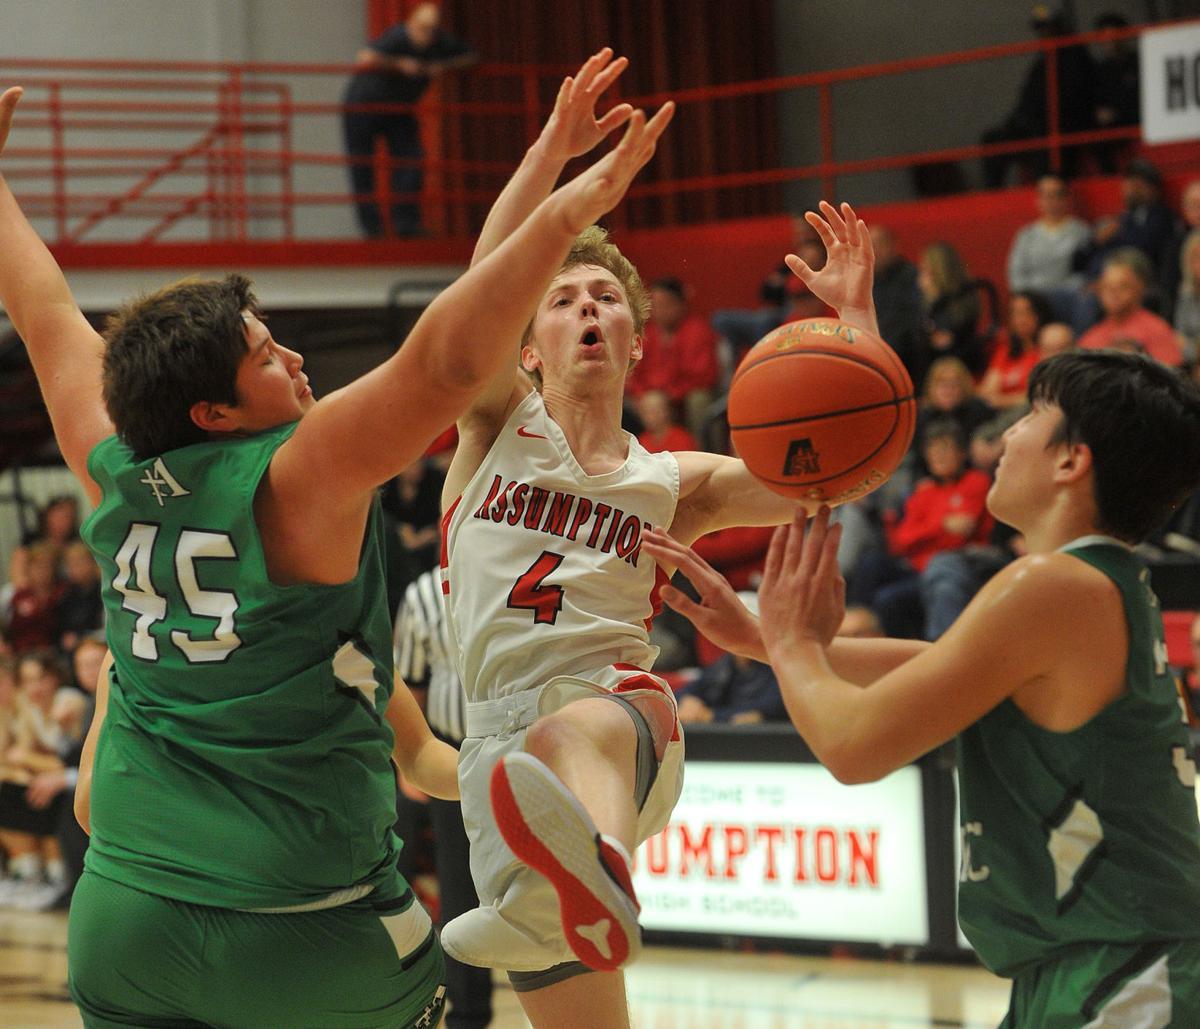 Alleman at Assumption boys basketball